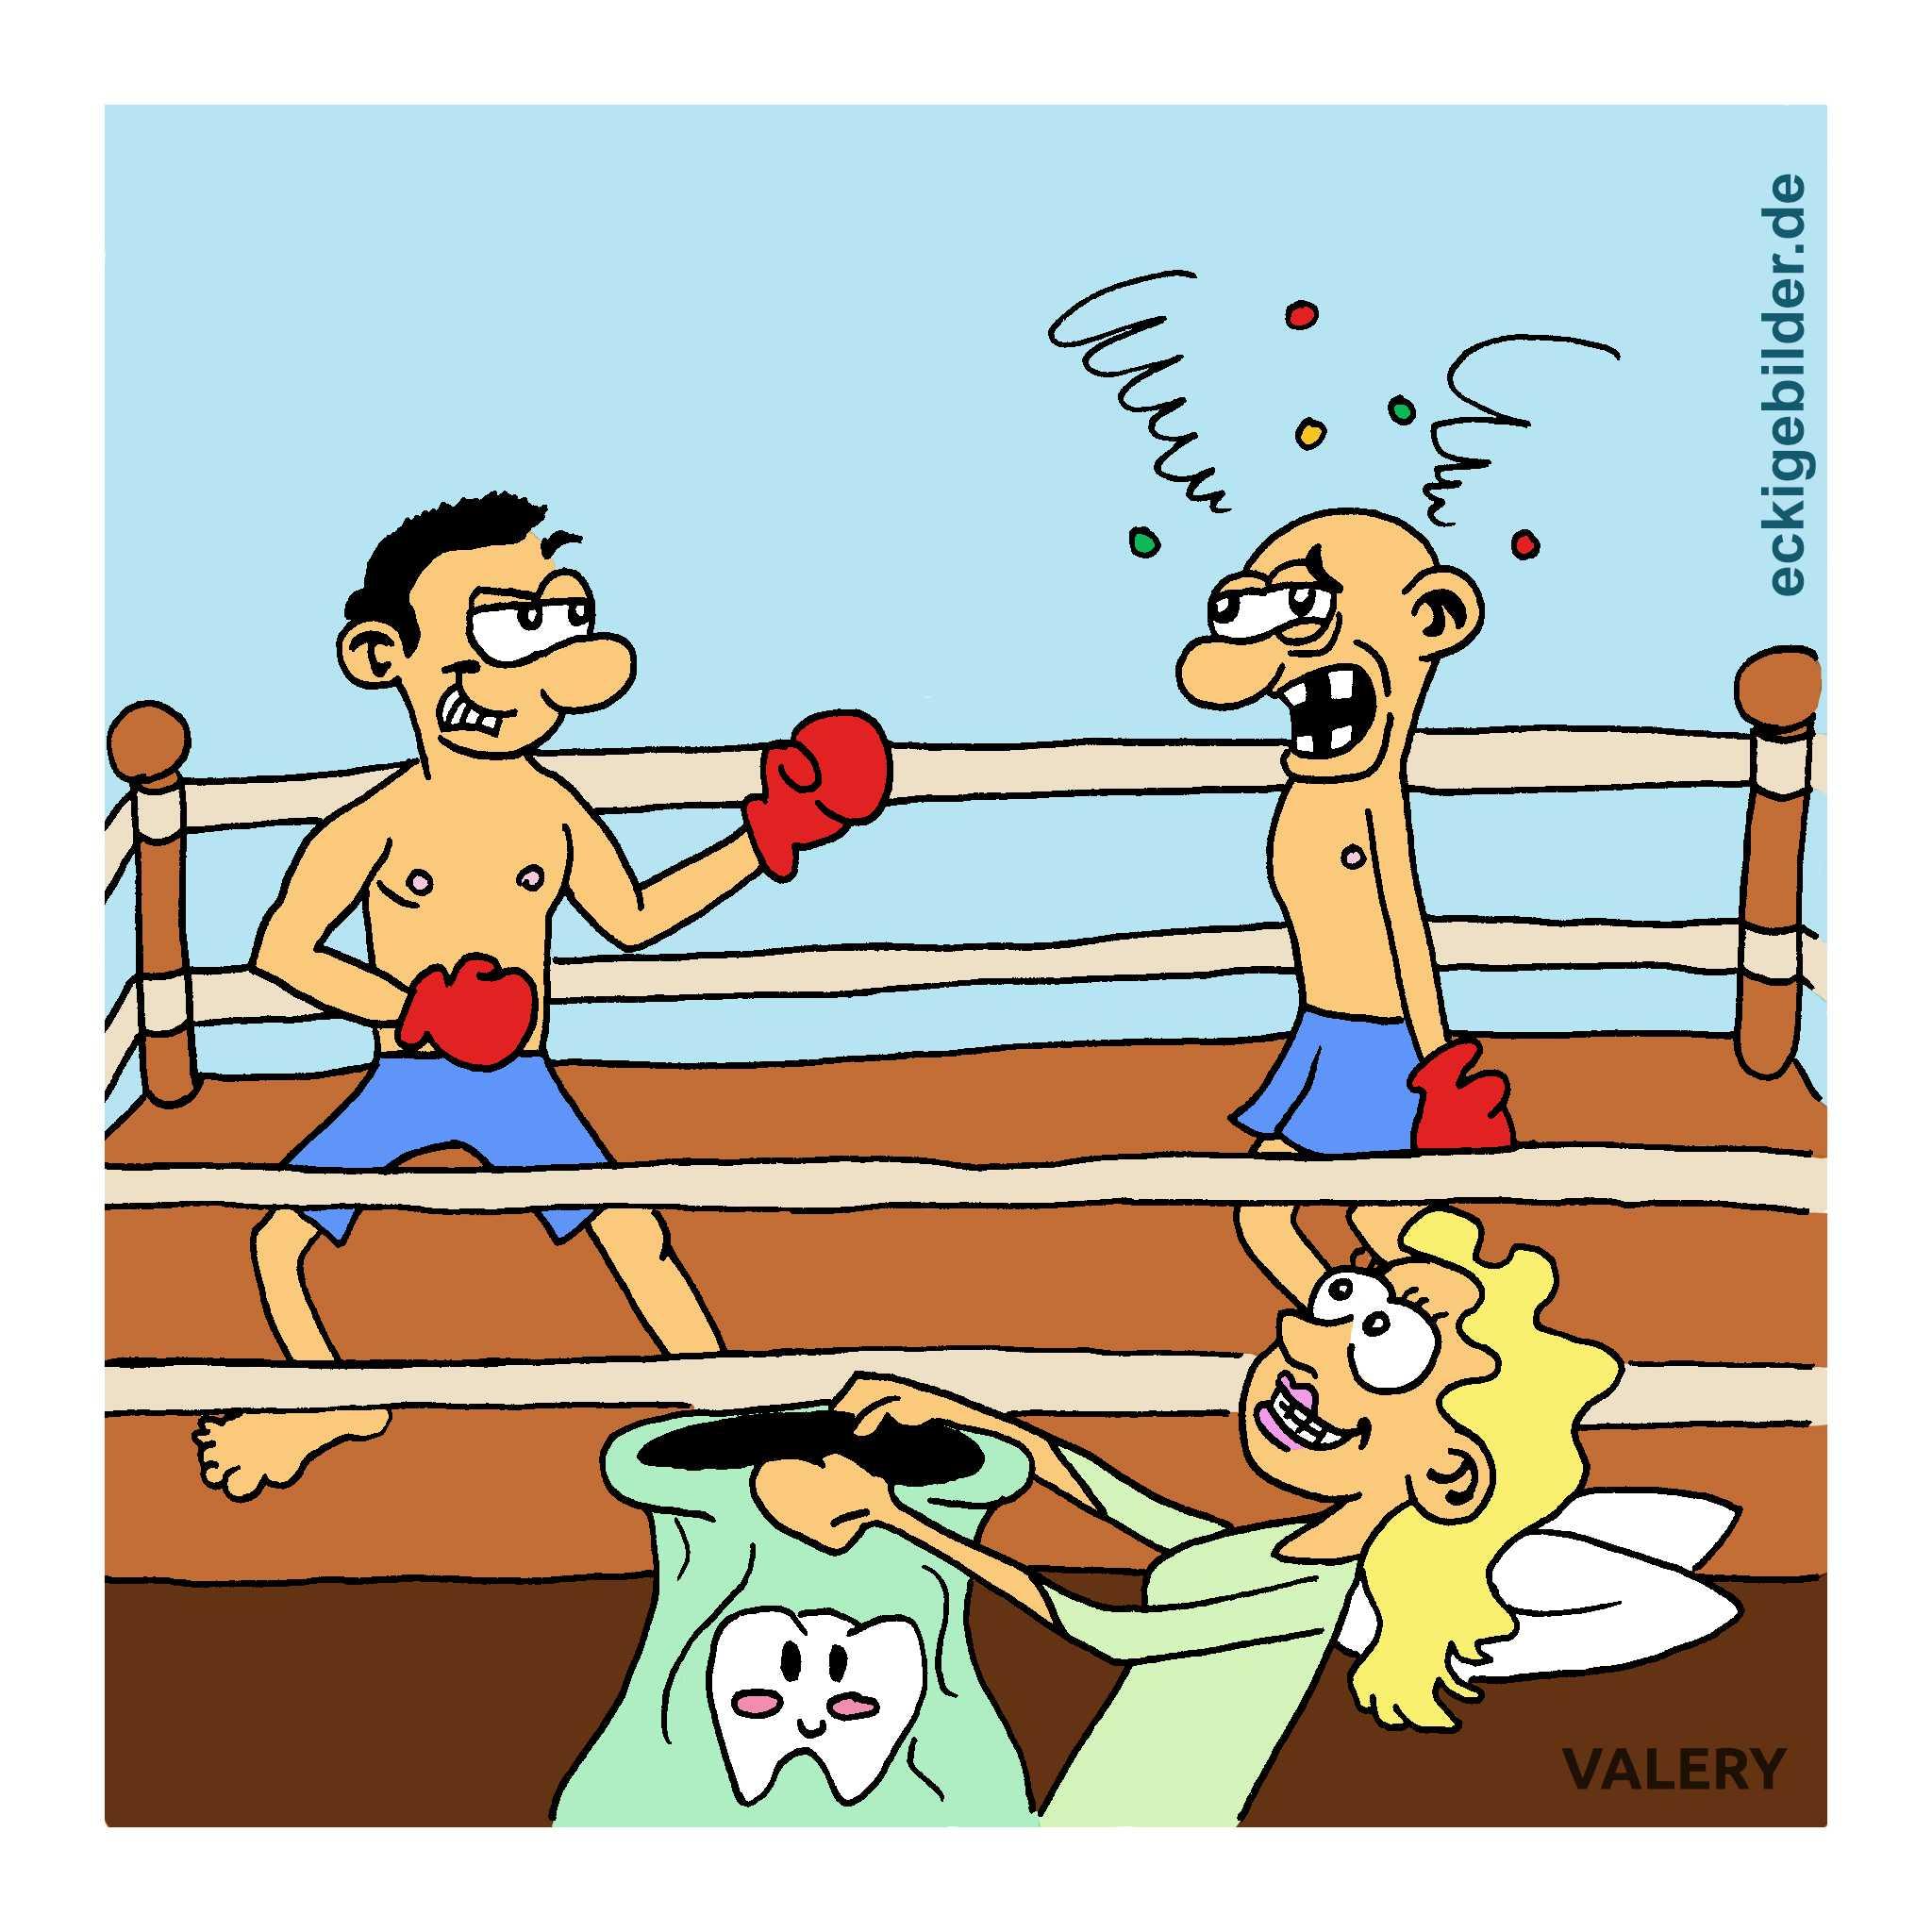 Boxen Cartoon